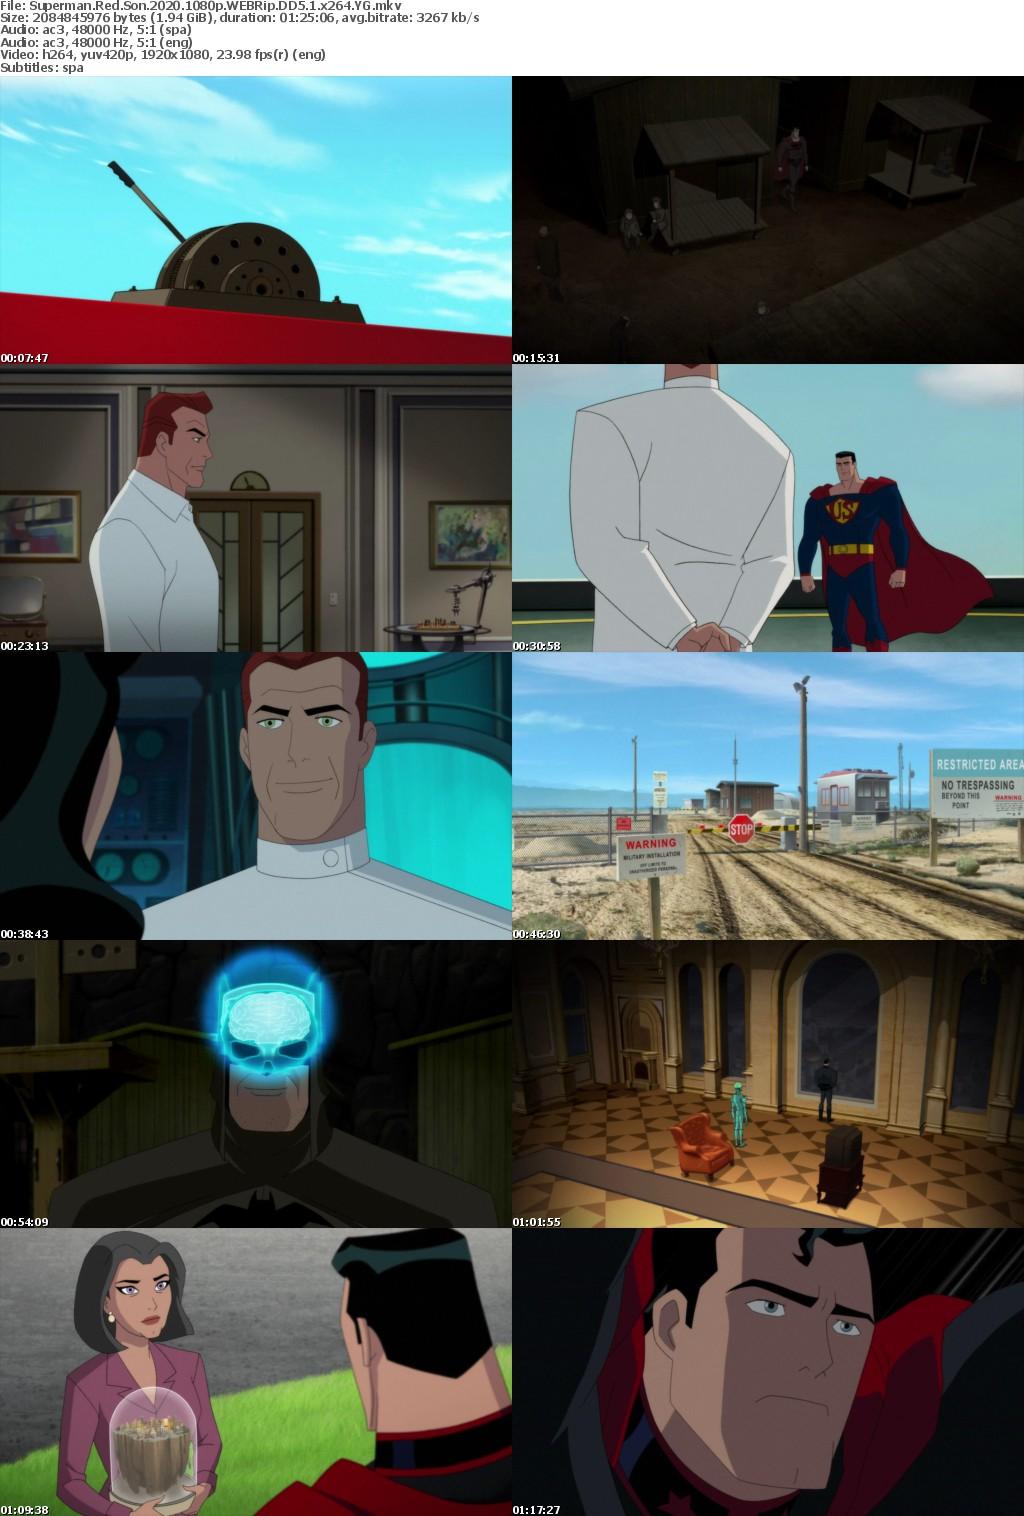 Superman Red Son (2020) 1080p WEBRip DD5.1 x264 YG